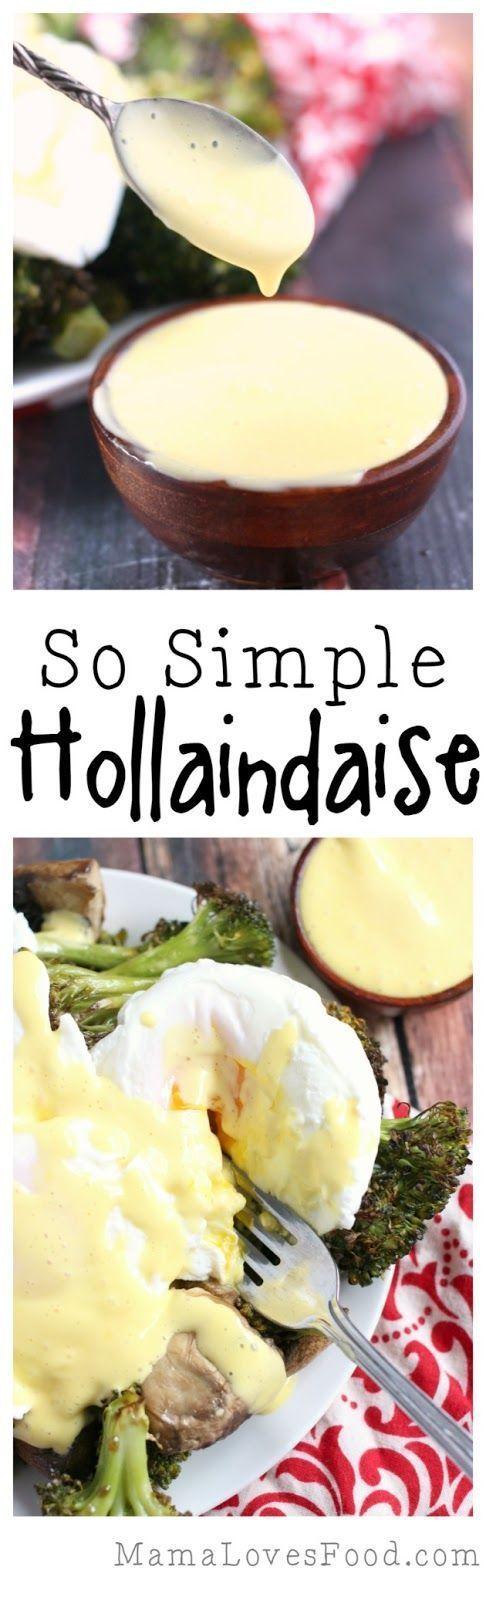 So Simple Hollandaise Sauce